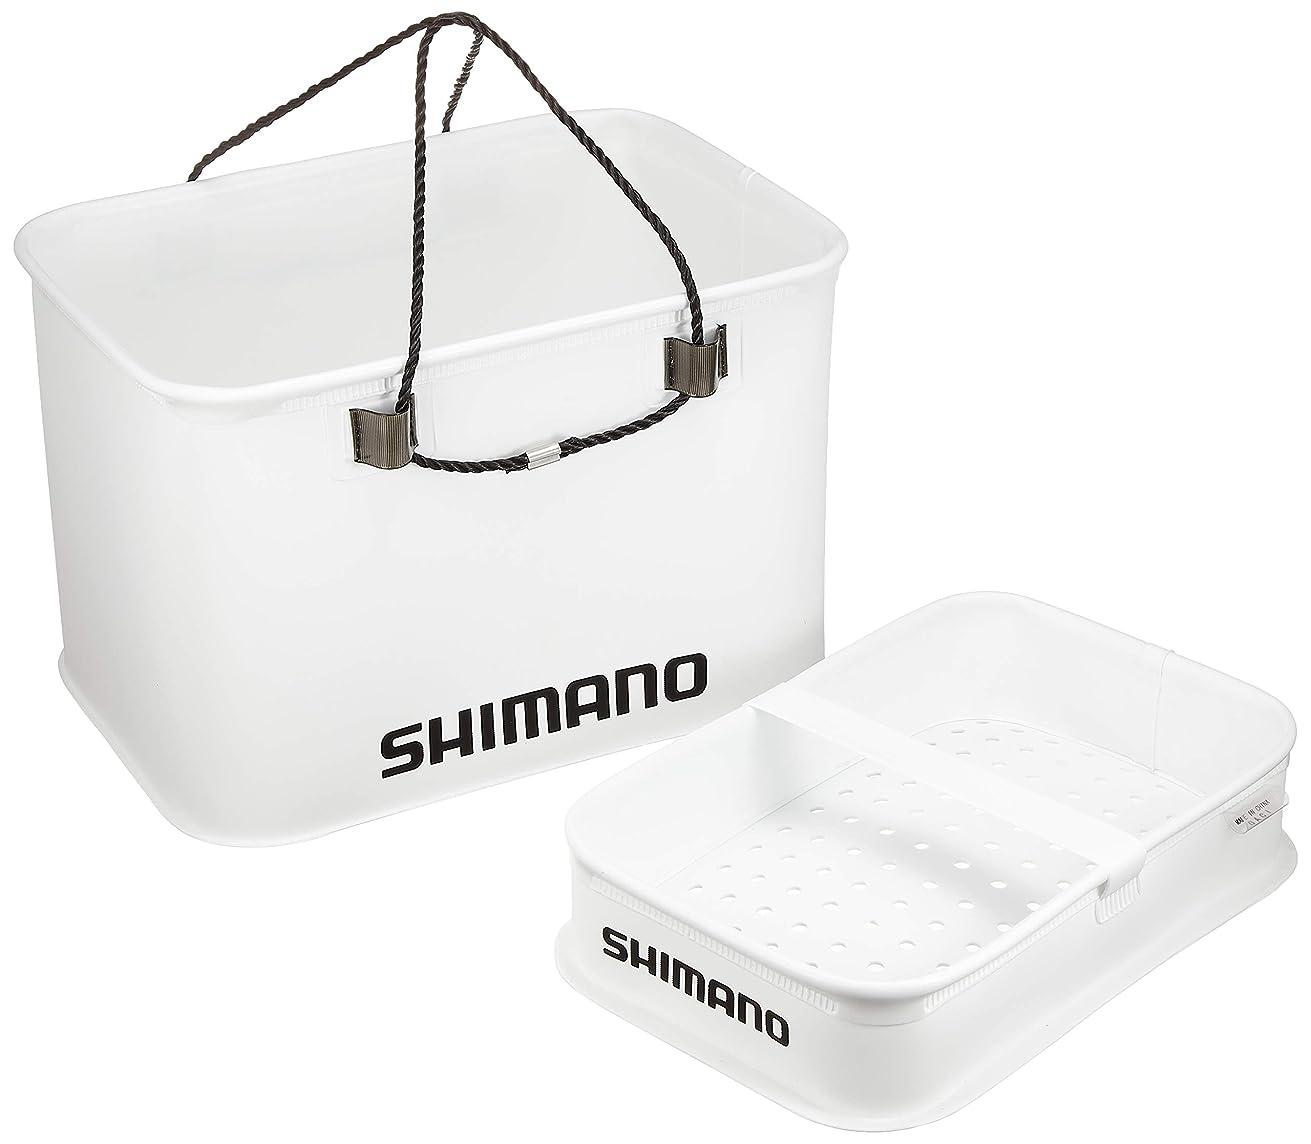 ズーム提唱する法律シマノ クーラー用バッカン スノコ付 ホワイト BK-005M